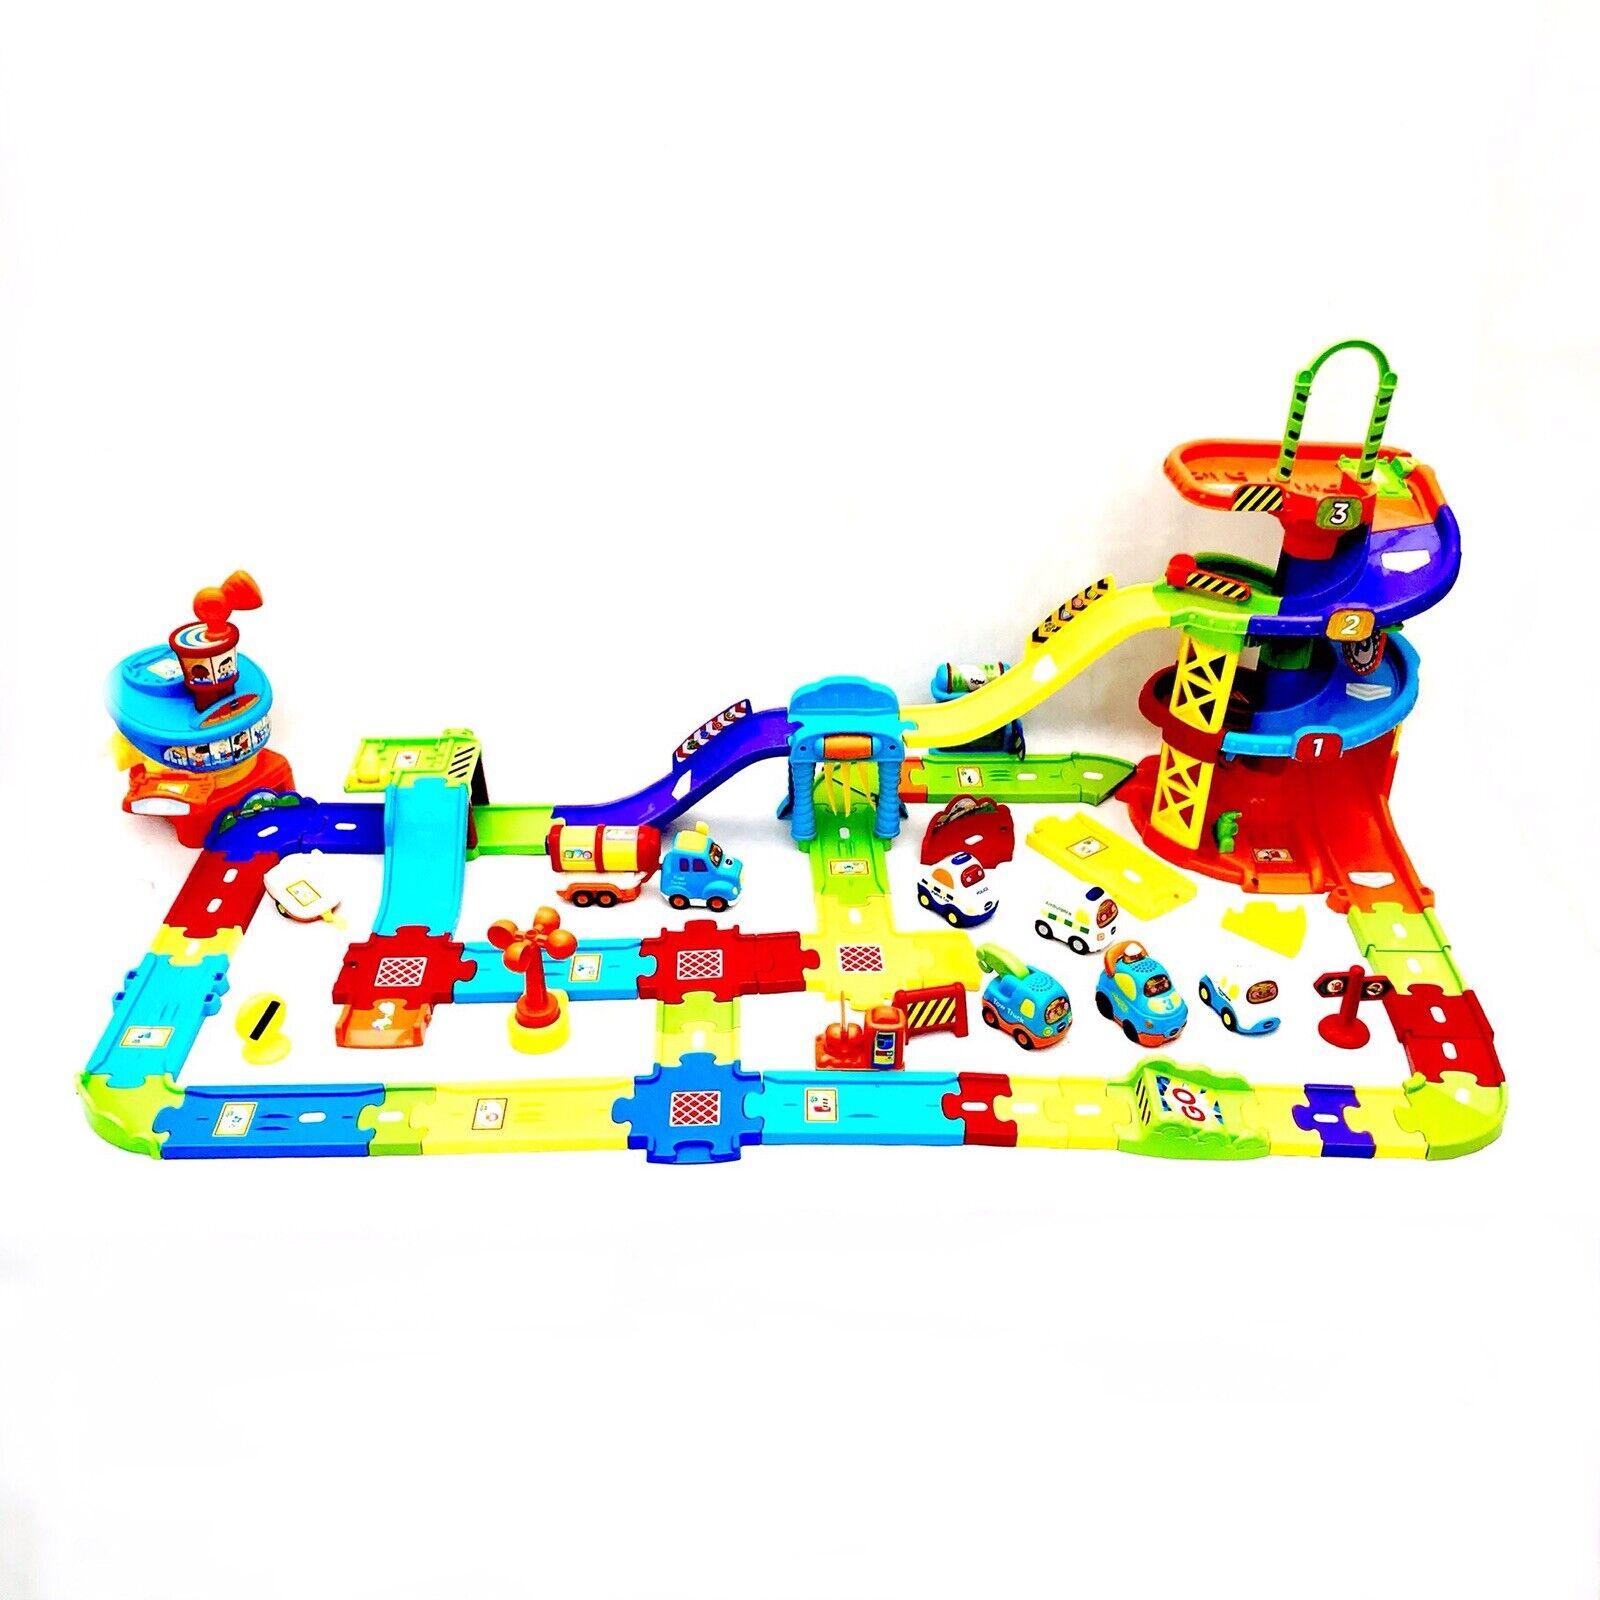 Centro comercial profesional integrado en línea. Enorme Vtech Toot Toot paquete aparcamiento & & & aeropuerto Personalizado Set 7 vehículos de juguete de remolque  comprar barato